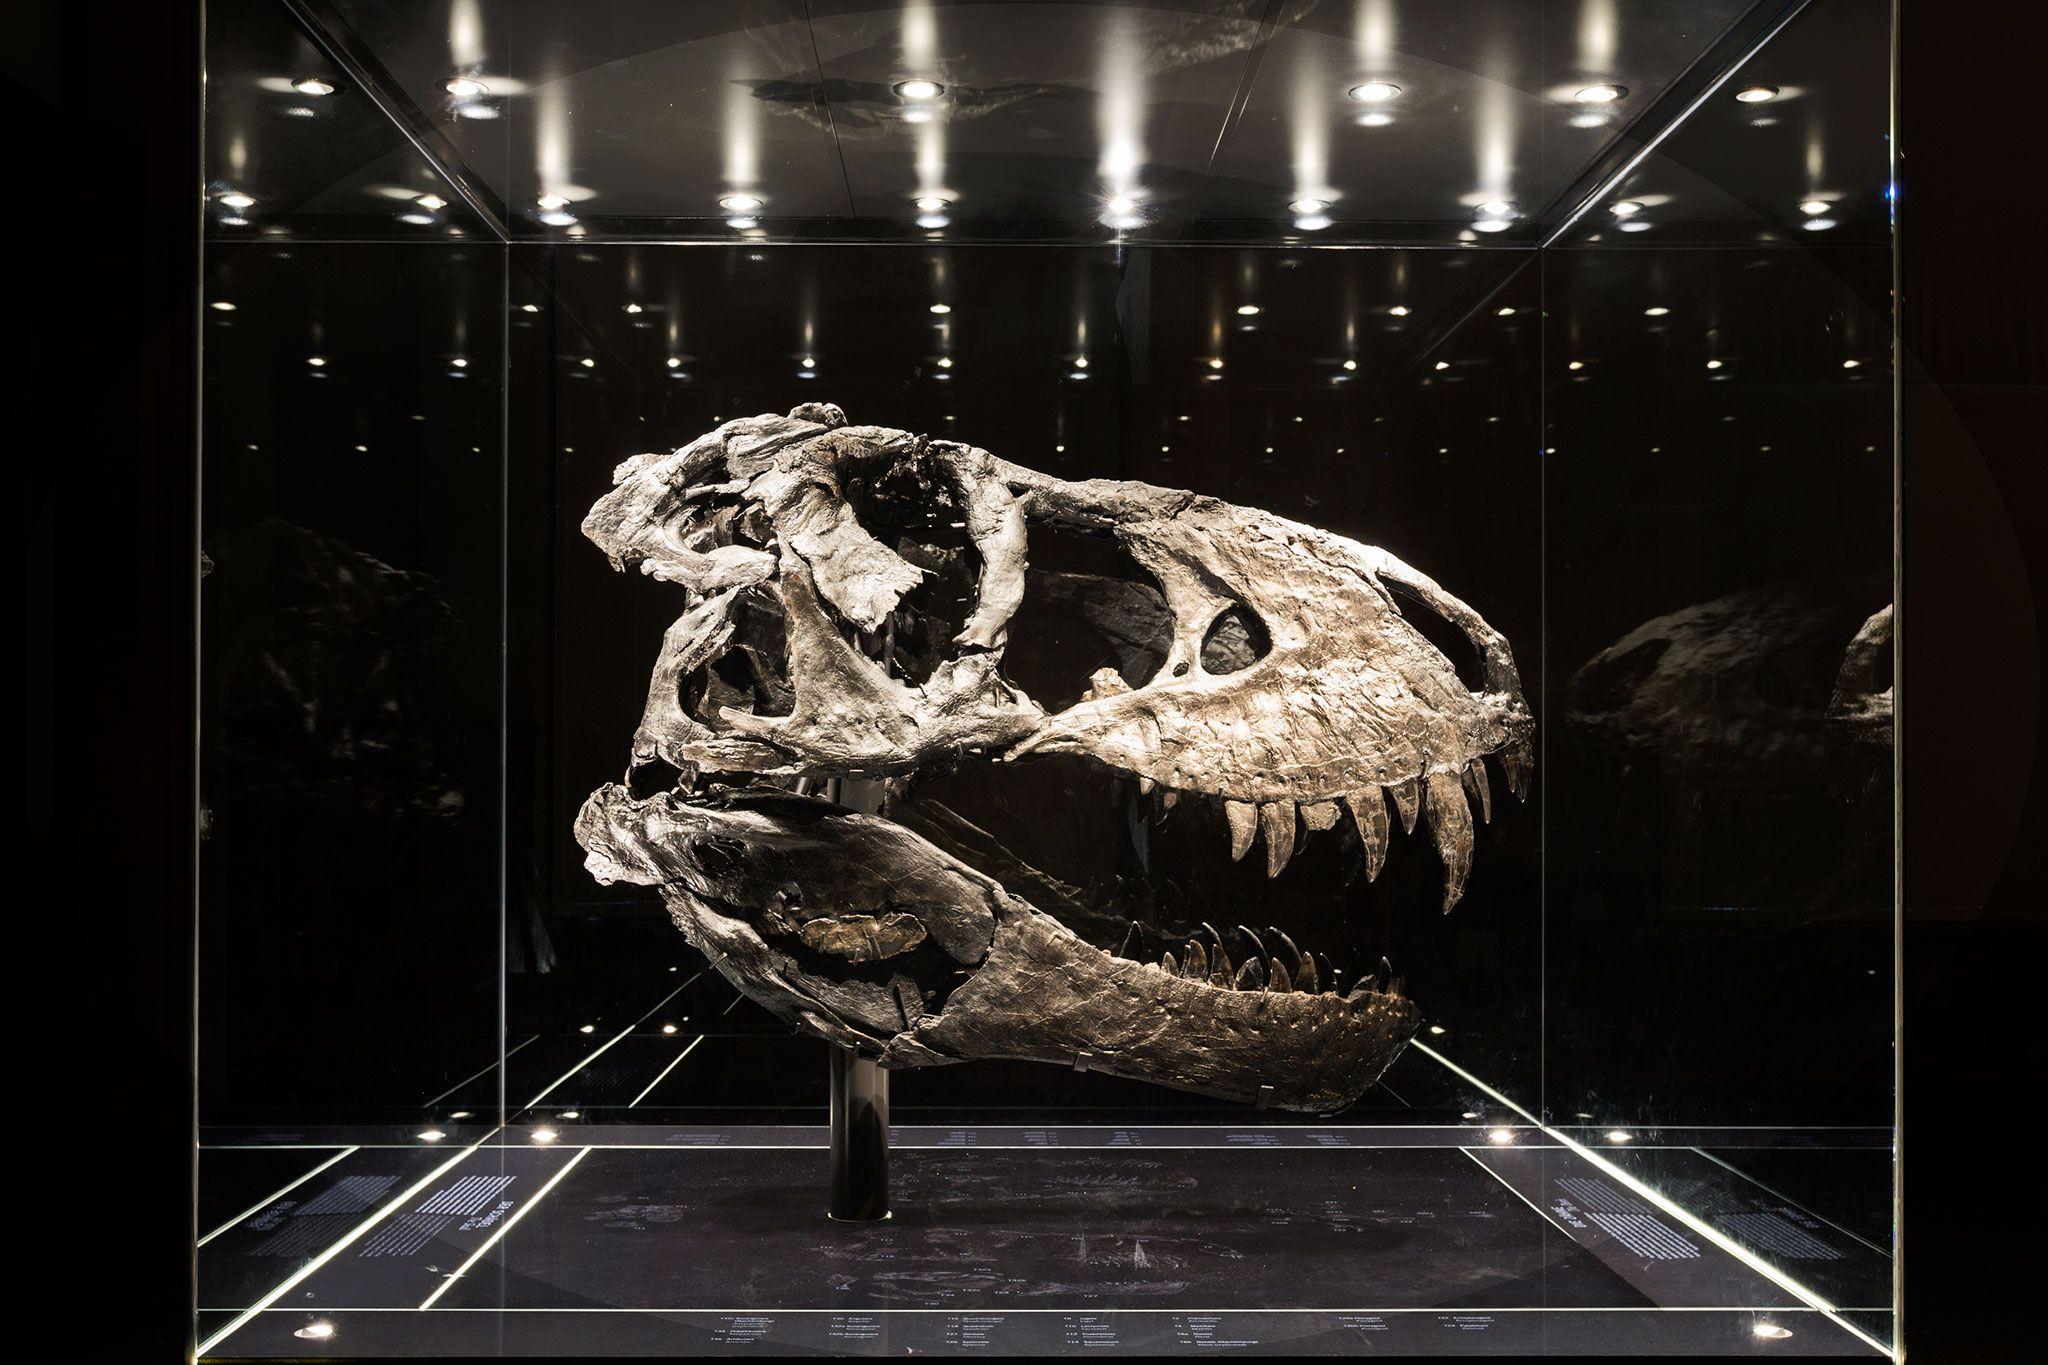 23 Fotos De Fosseis Capturam O Misterio E A Beleza Dos Dinossauros